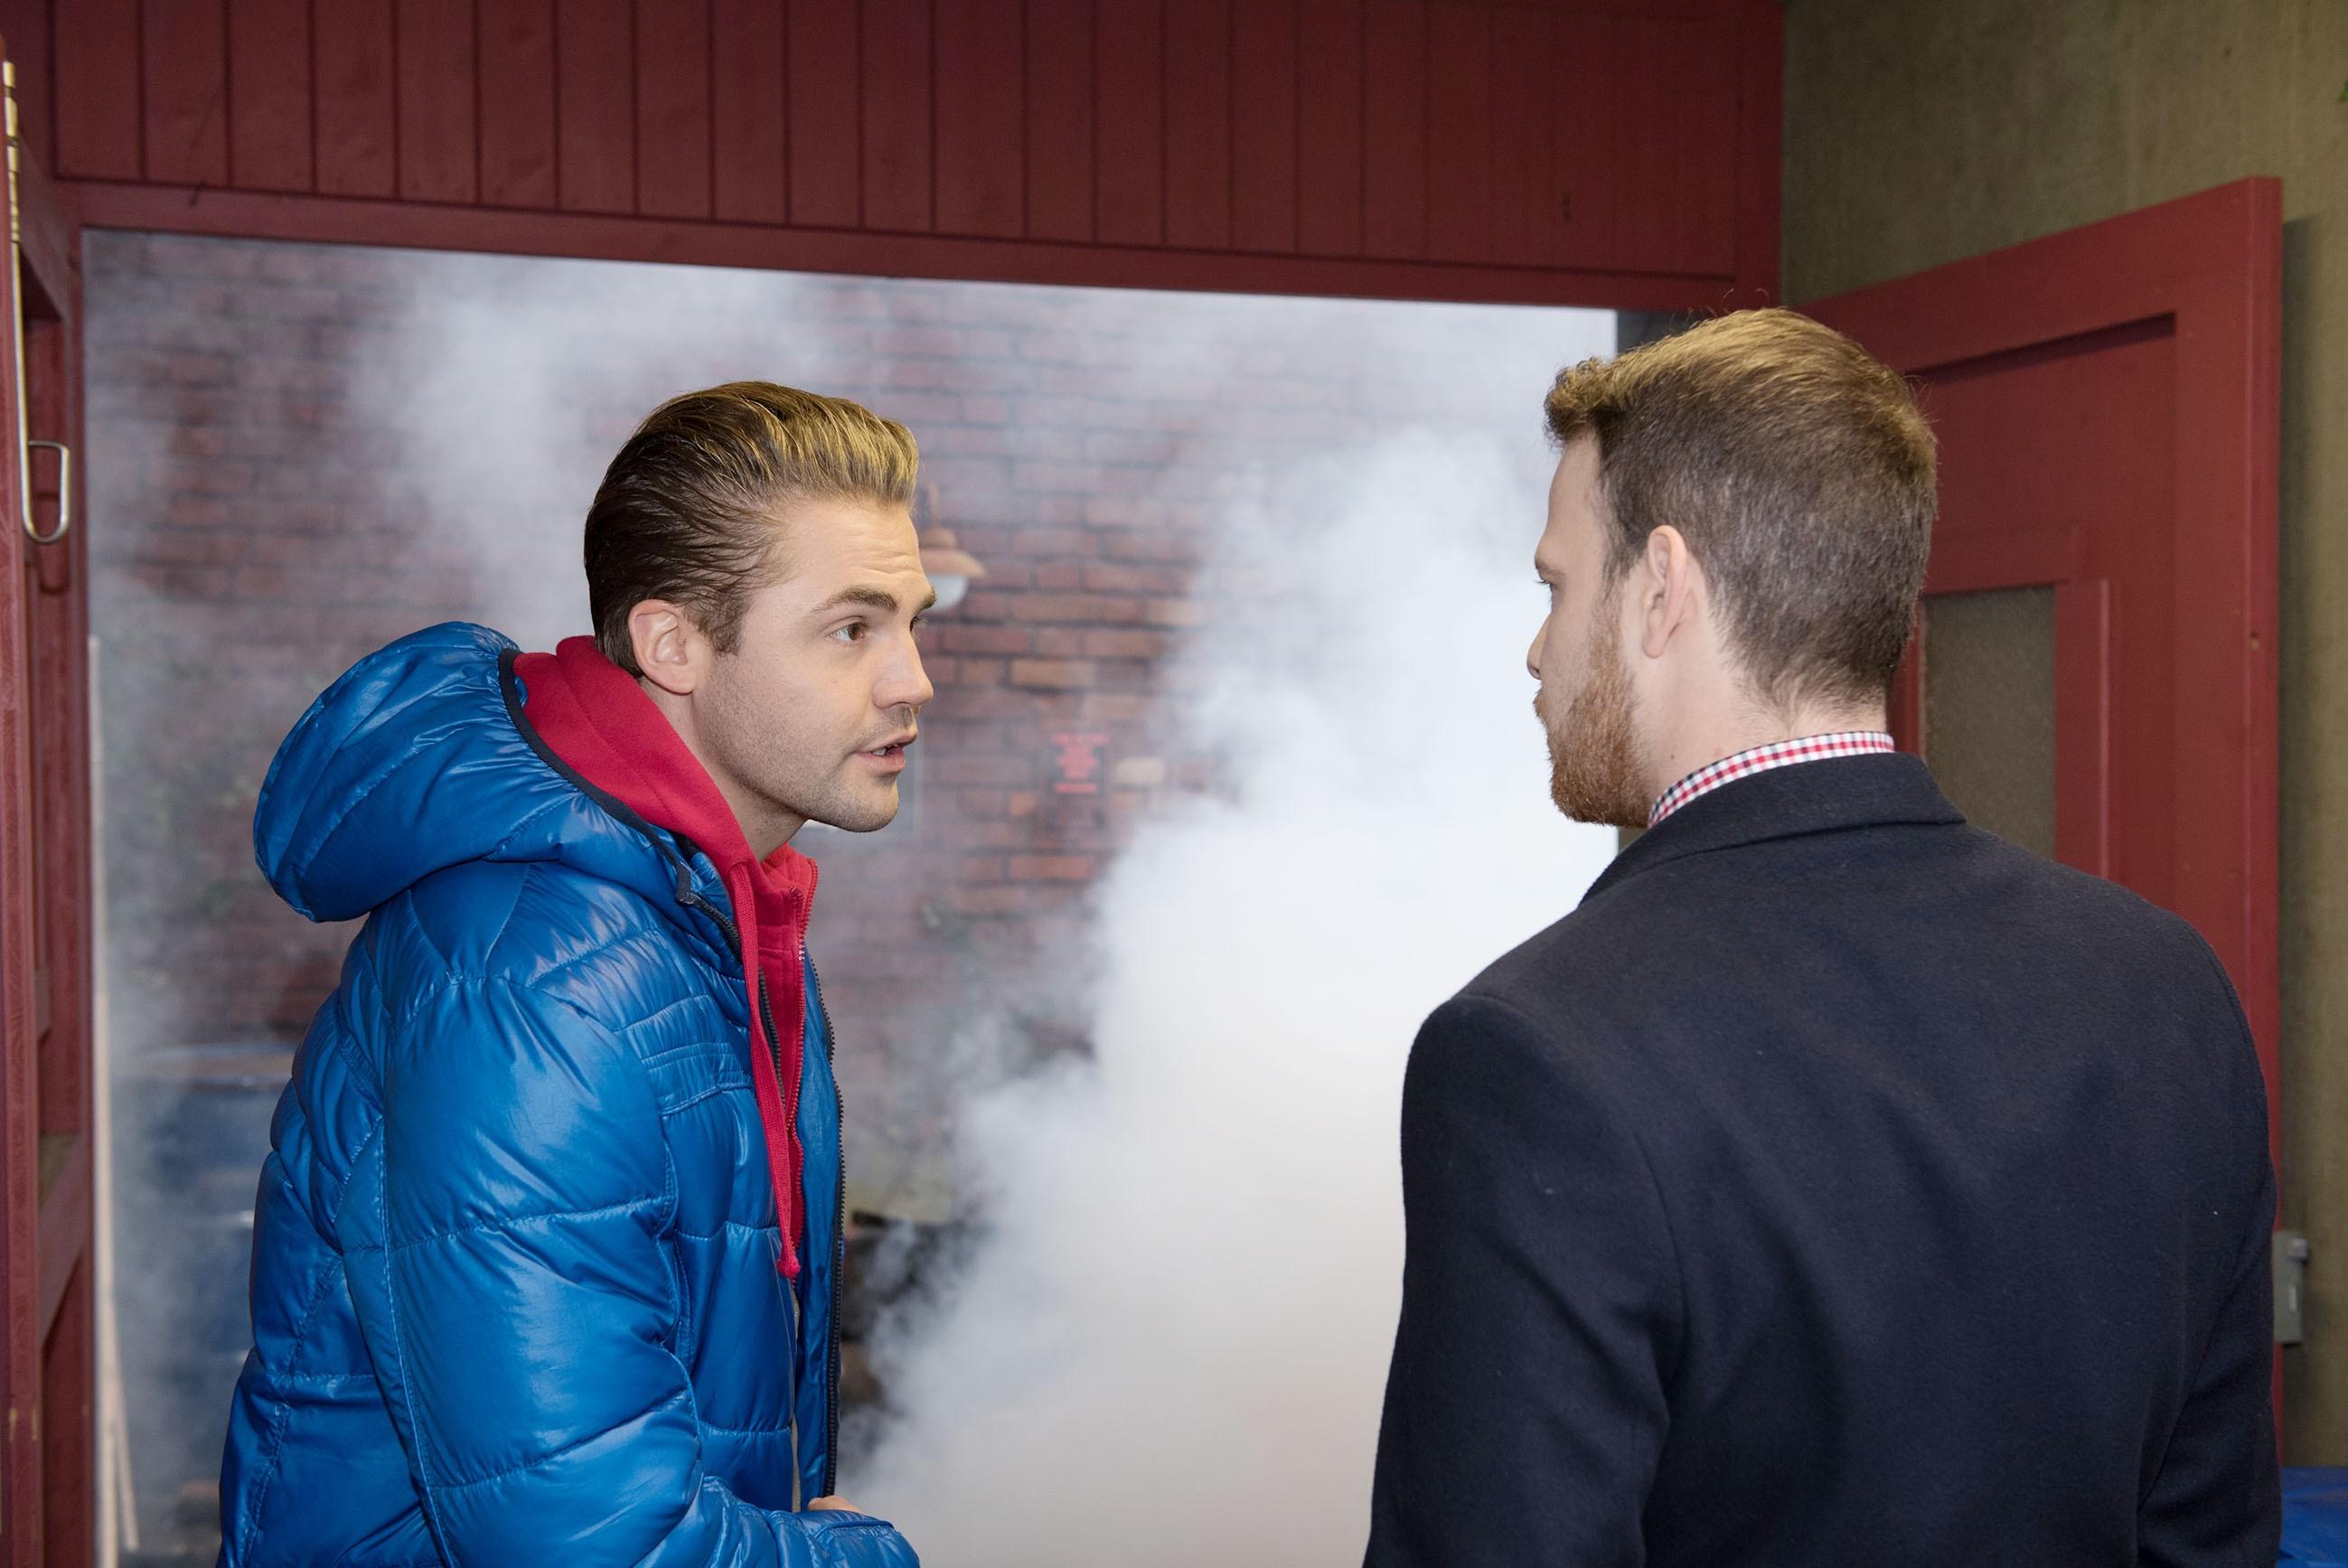 Bambi (Benjamin Heinrich, l.) und Tobias (Patrick Müller) bemerken geschockt, dass Bambis Werkstatt brennt... (Quelle: RTL / Stefan Behrens)